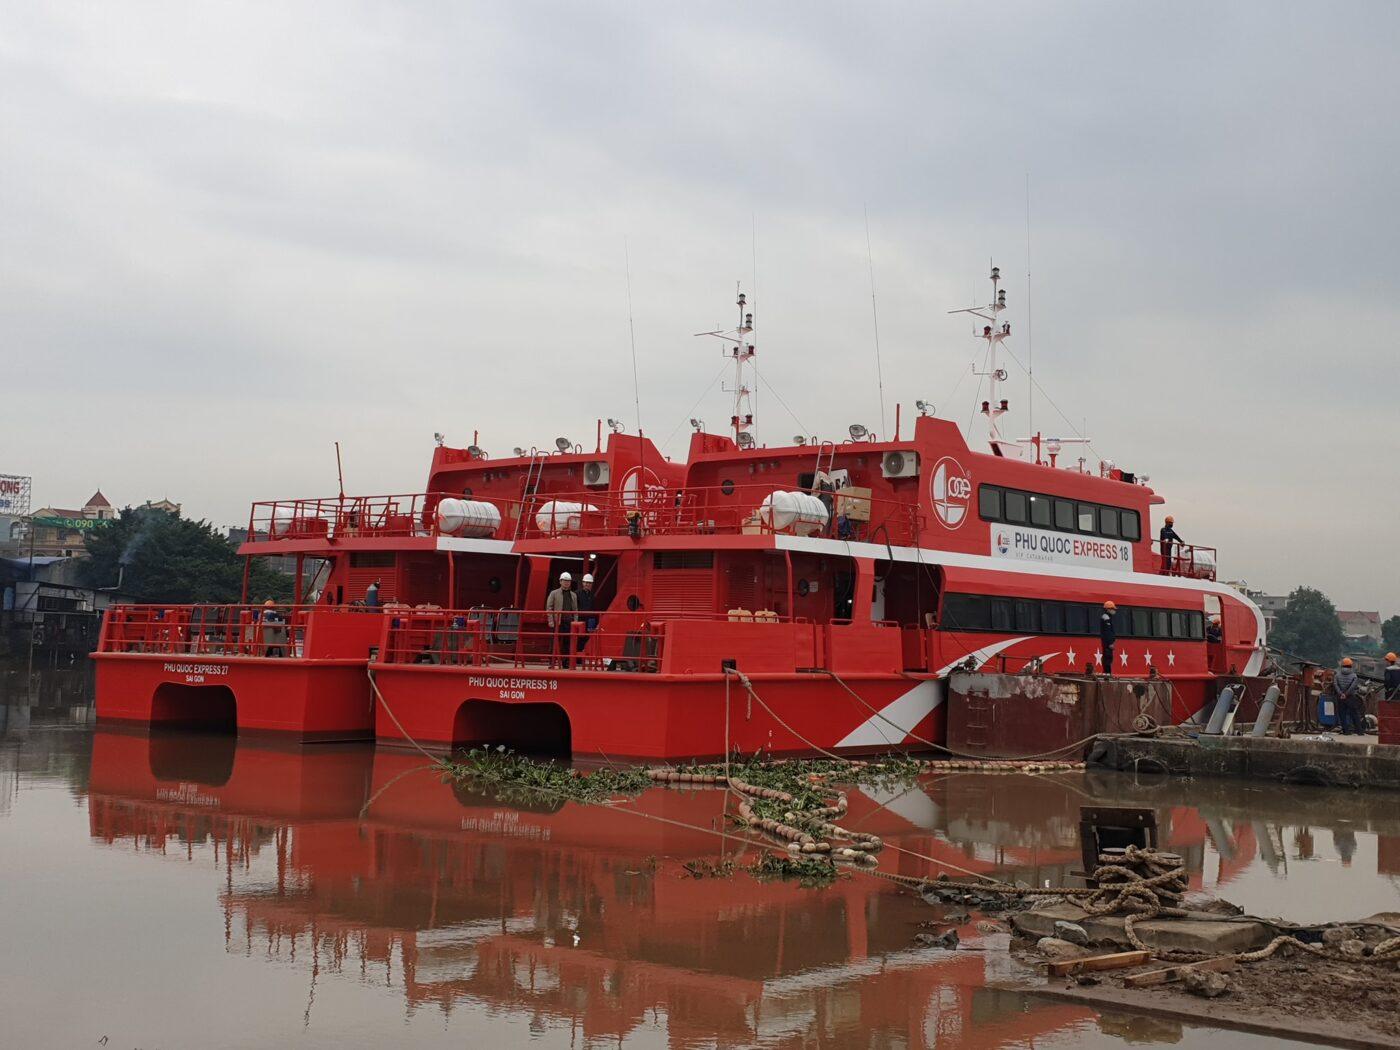 Hạ thủy 02 tàu cao tốc Phú Quốc Express 27 và Phú Quốc Express 18